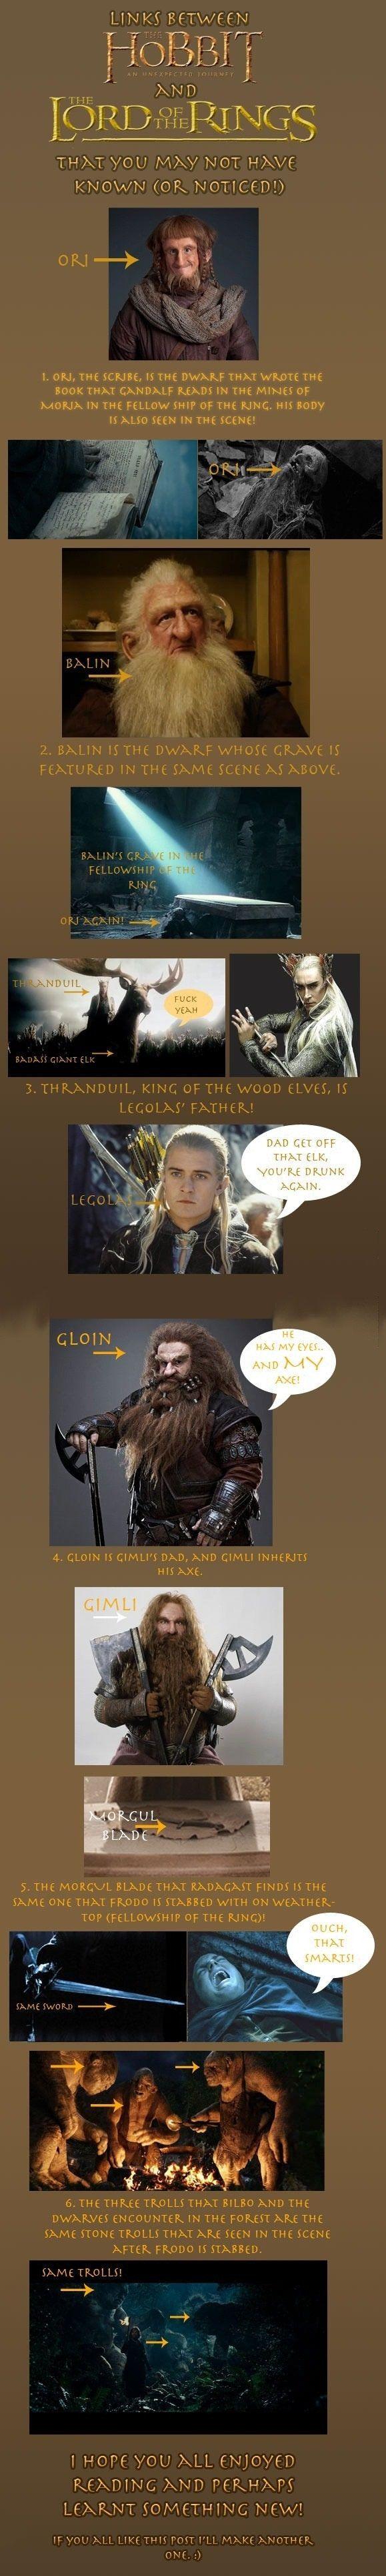 Le Hobbit: la désolation de Smaug, les clins d'œil au Seigneur des